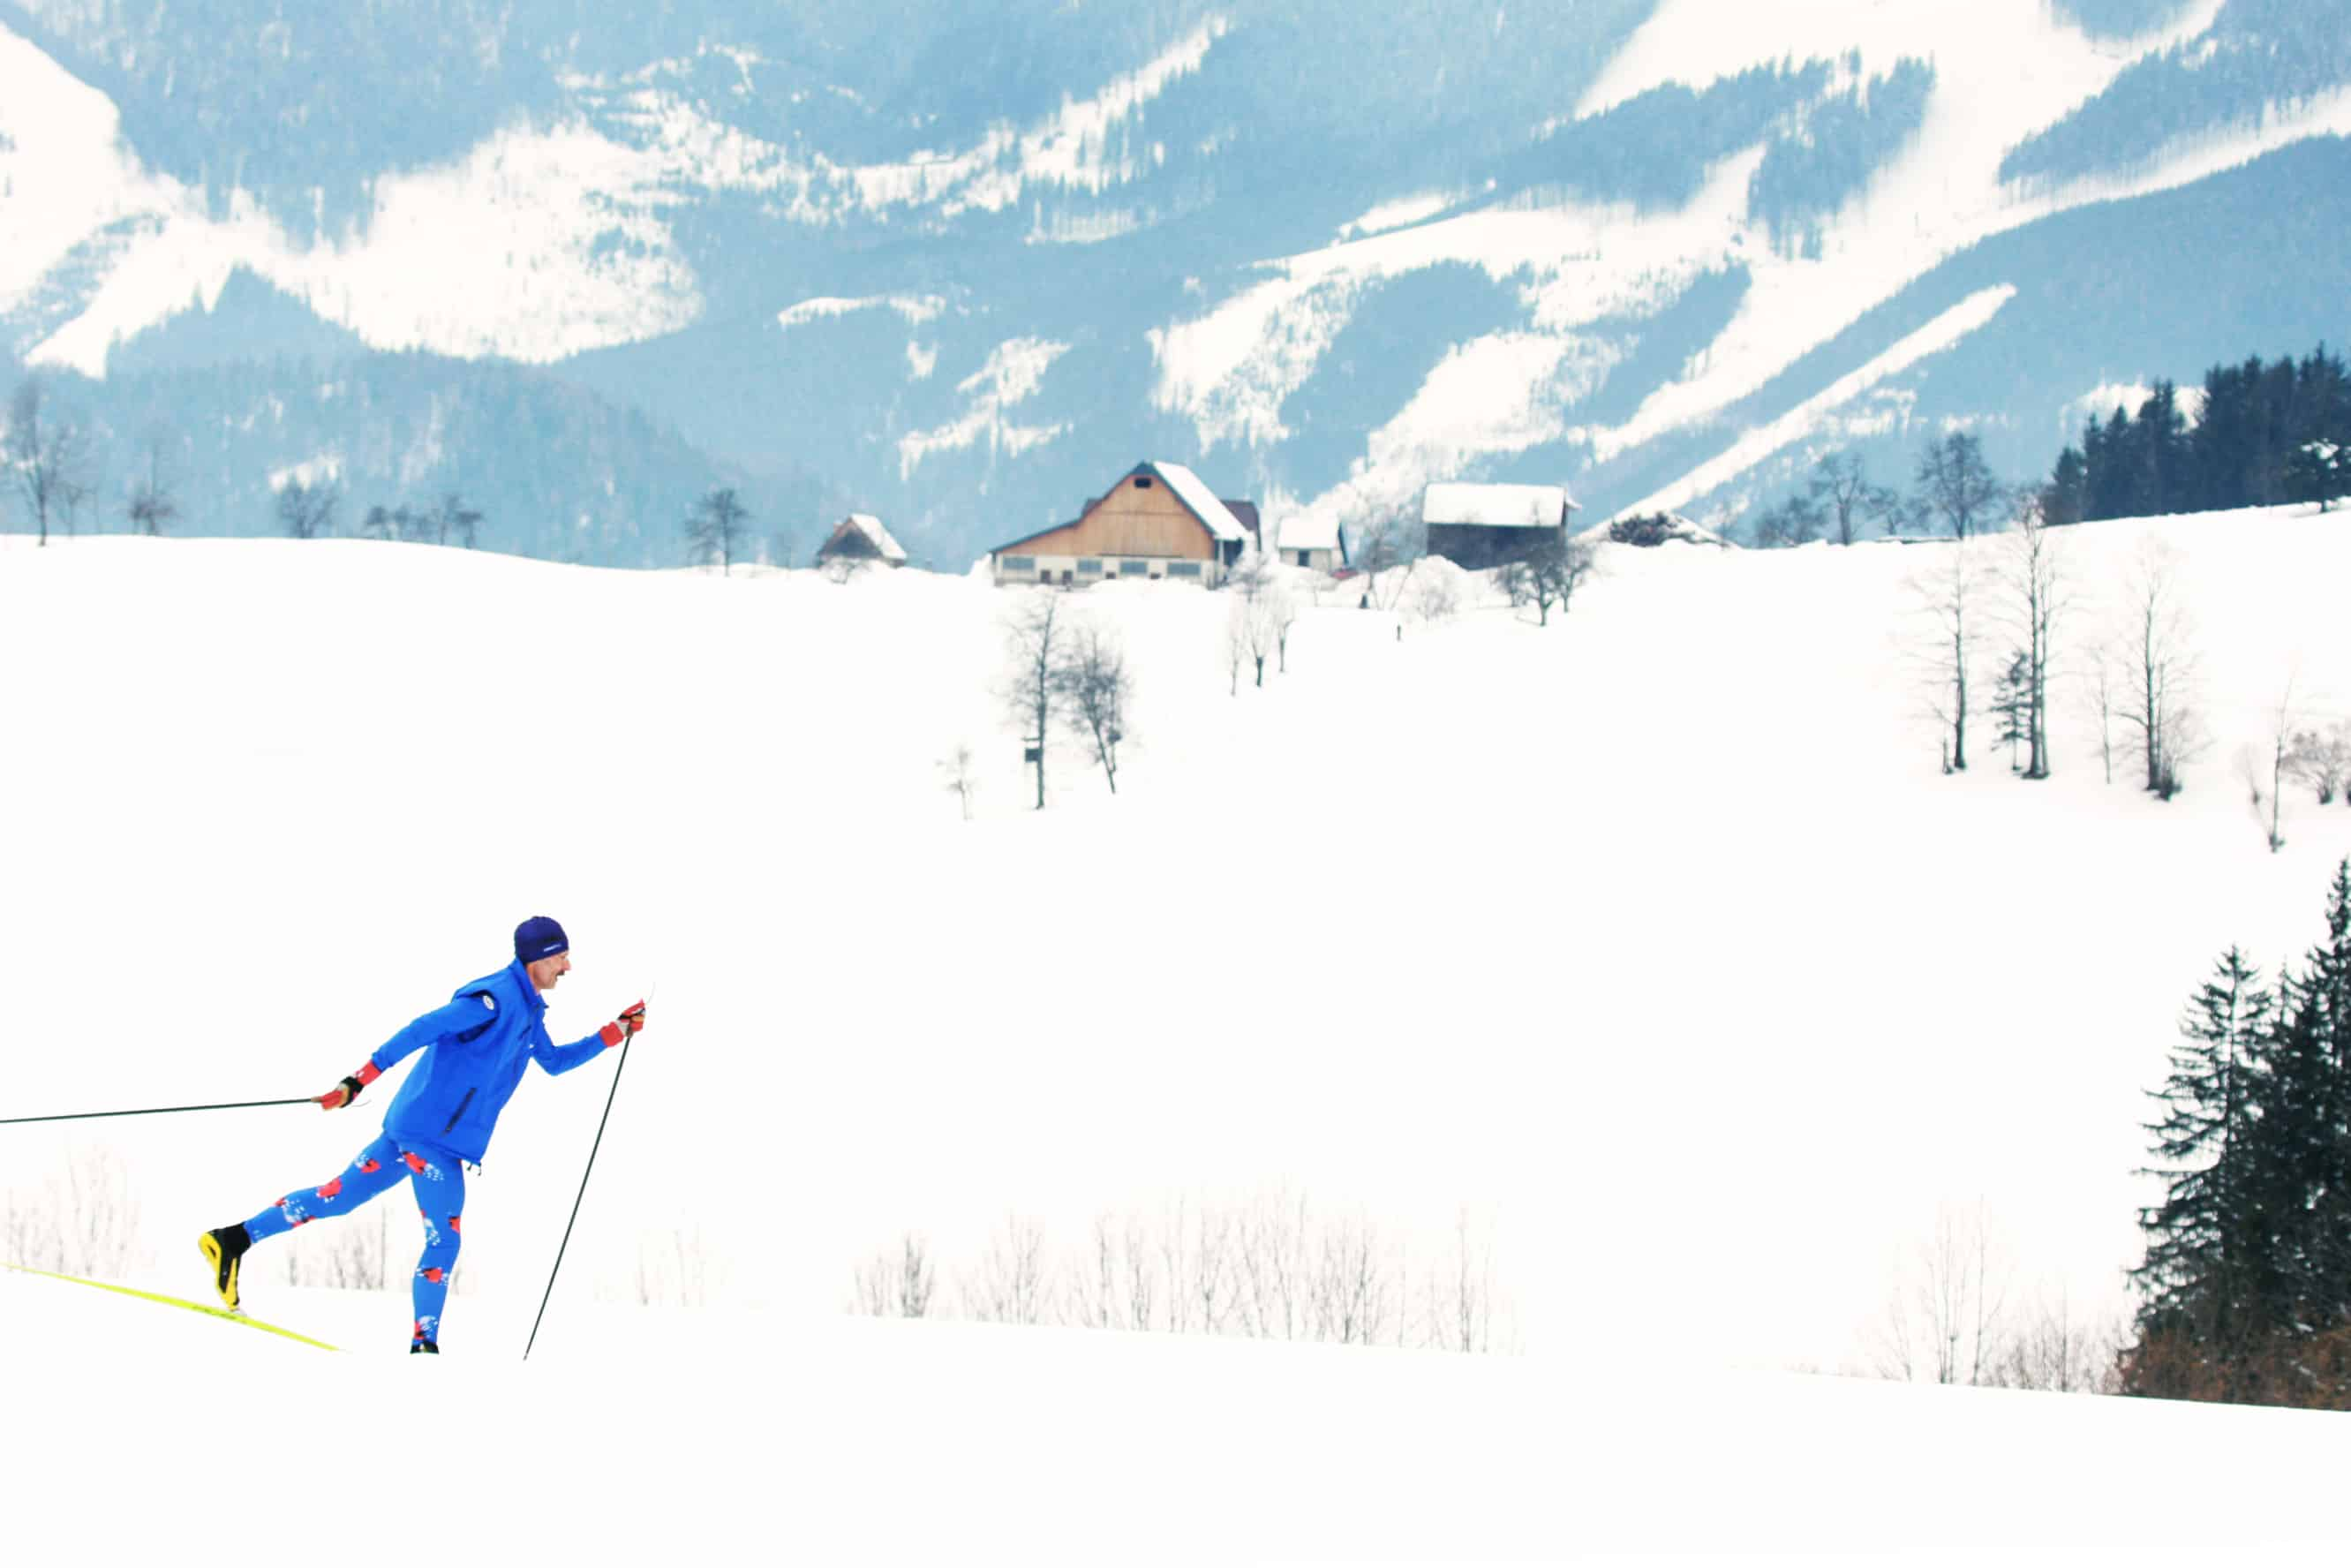 Mann beim Langlaufen in Göstling-Hochreit im Mostviertel. JUFA Hotels bietet erholsamen Familienurlaub und einen unvergesslichen Winterurlaub.